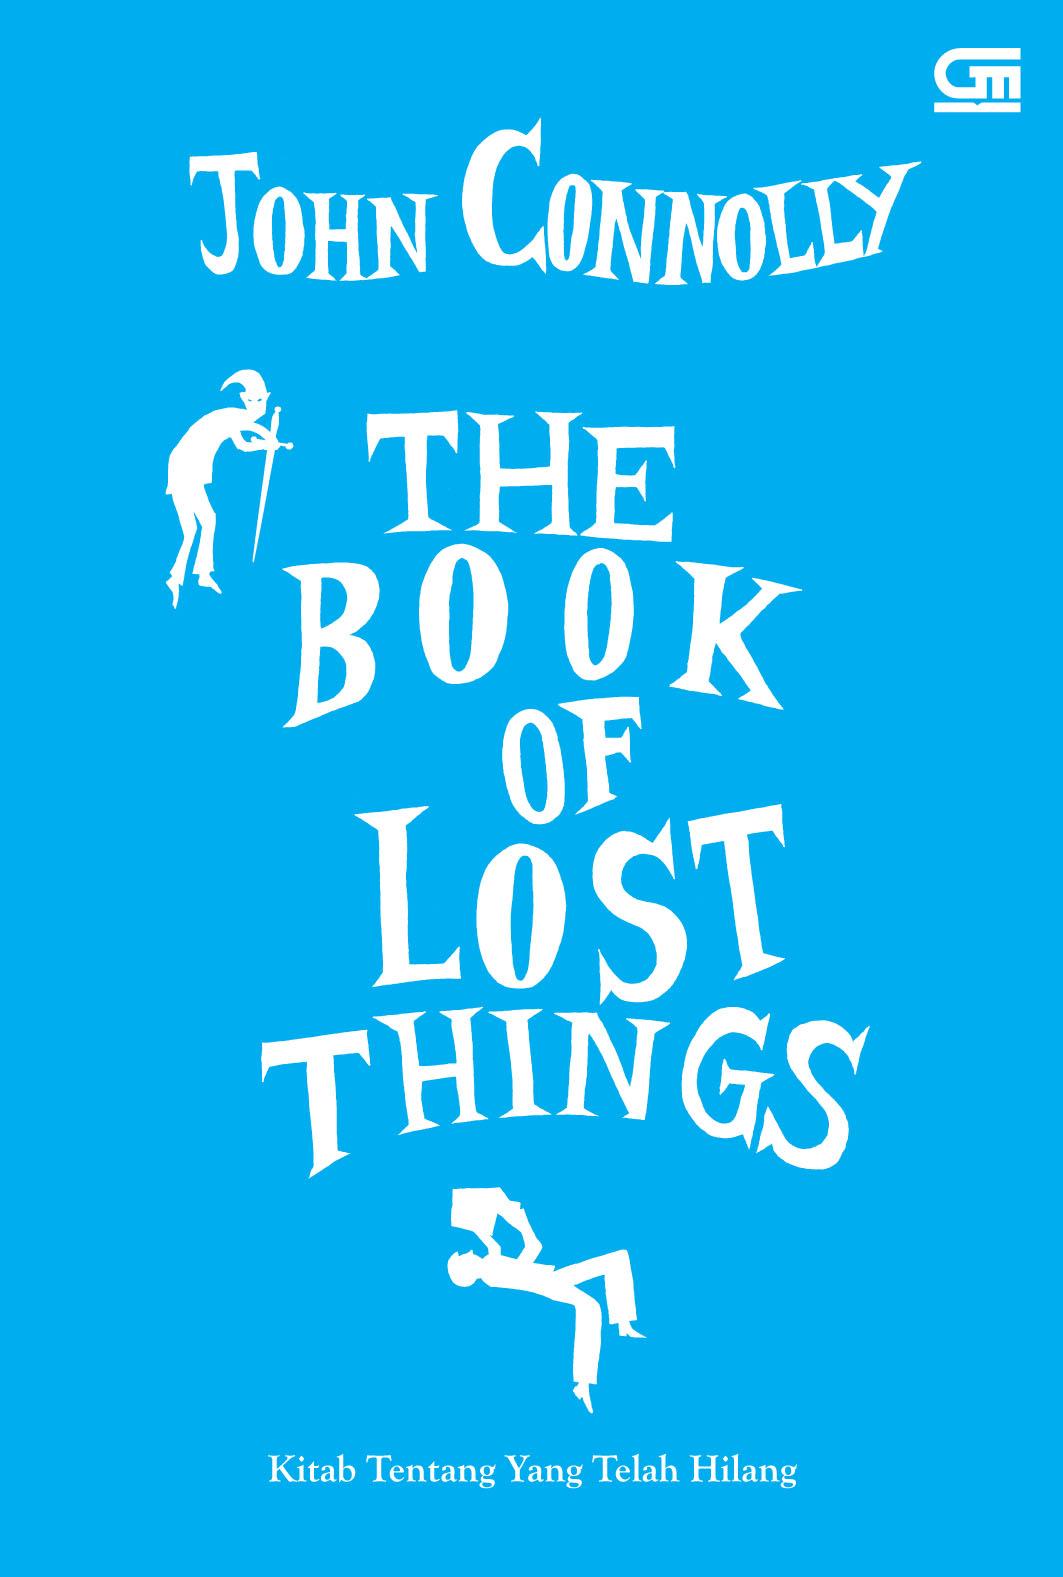 Kitab Tentang yang Telah Hilang (The Book of Lost Things)